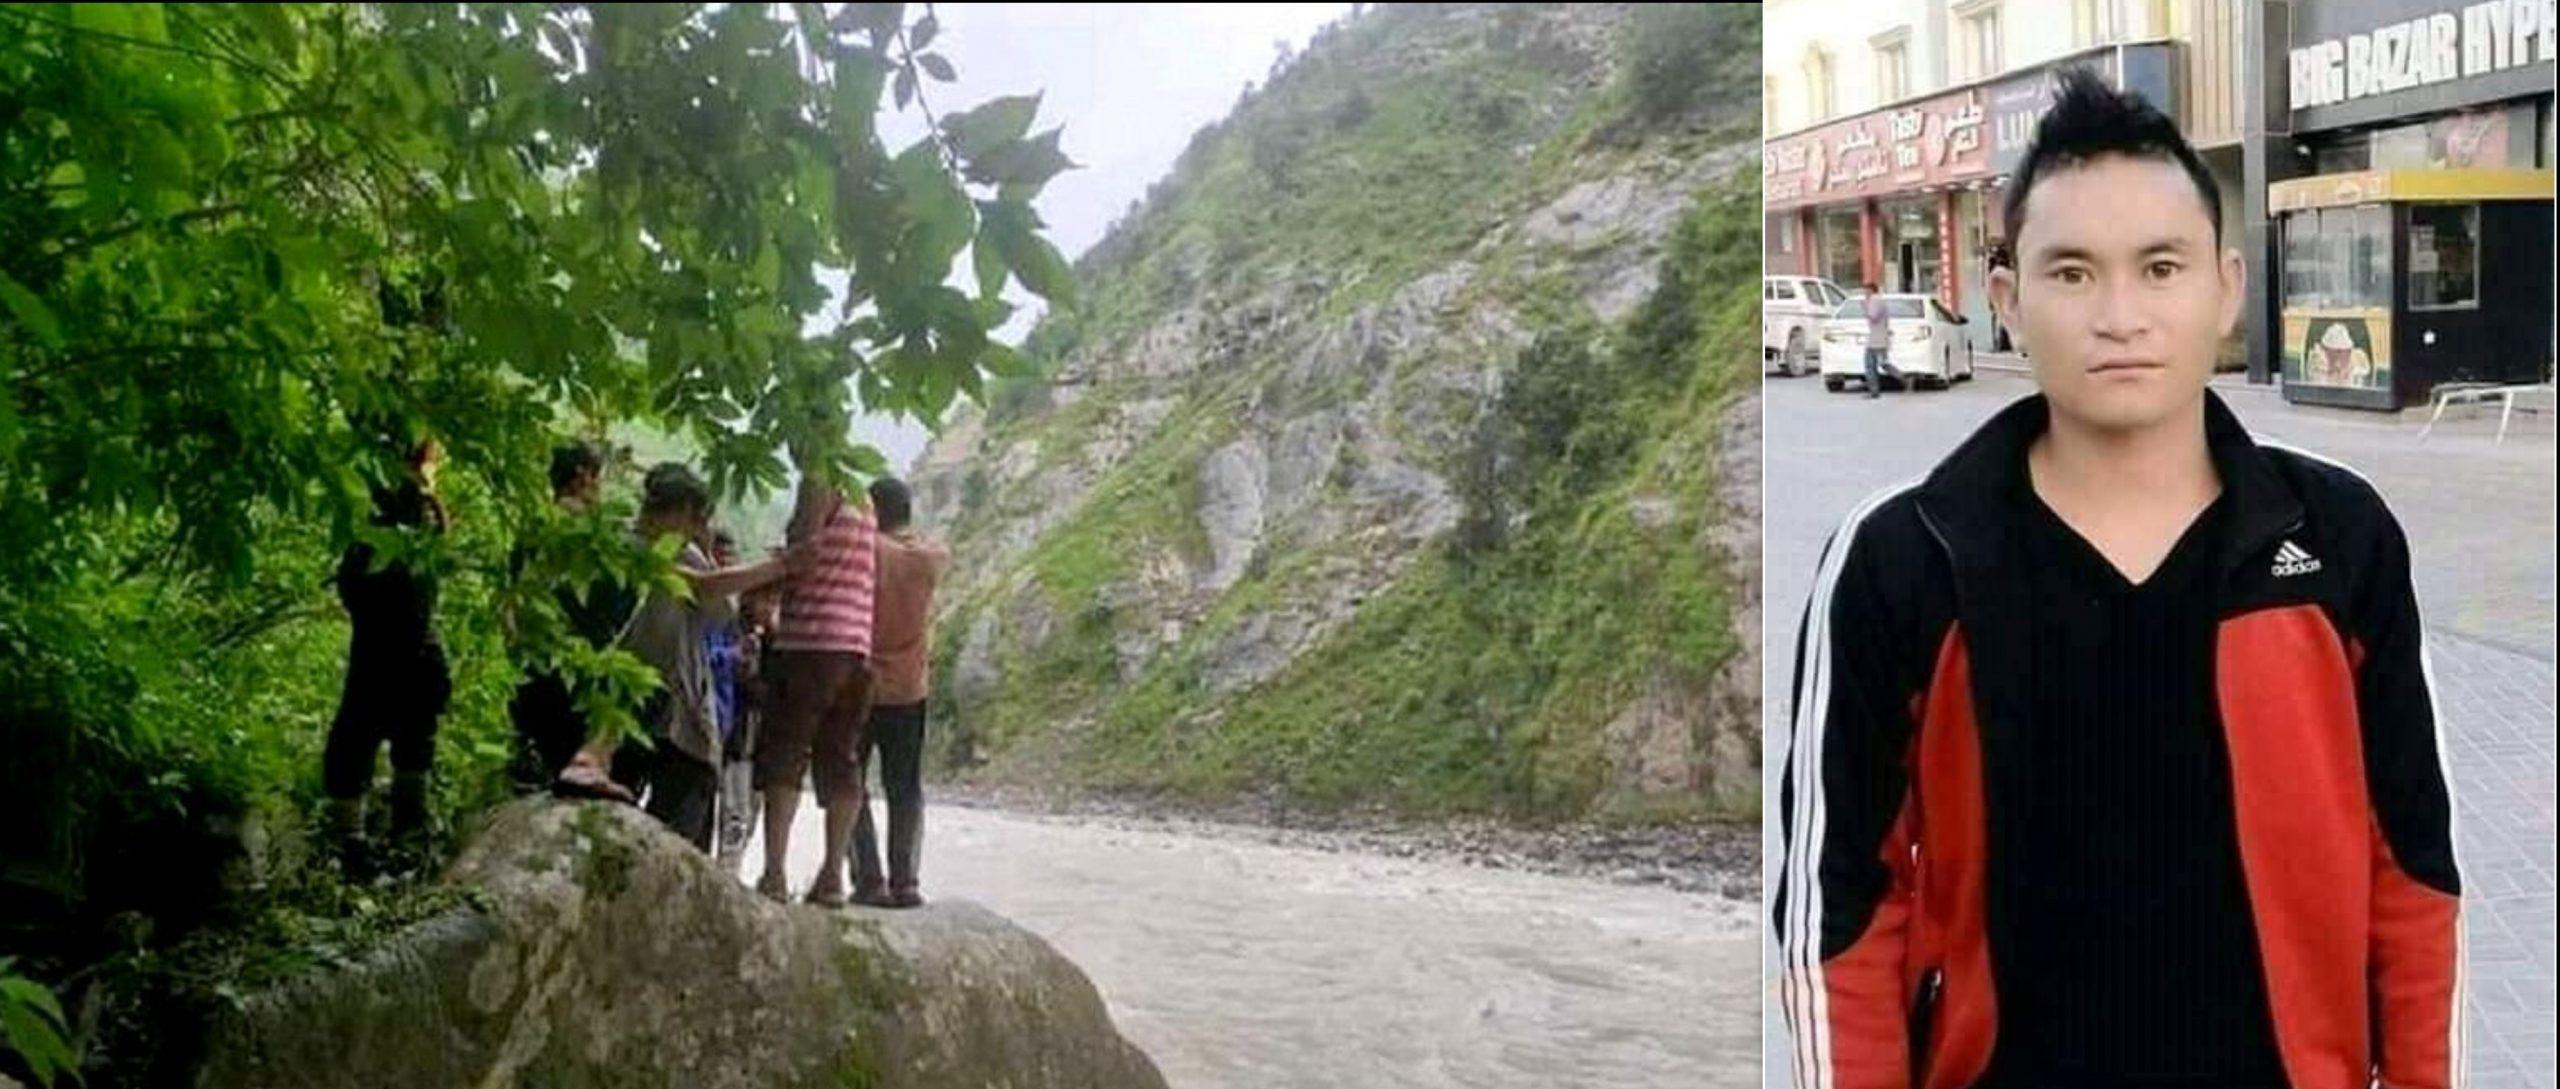 जयसिंह आत्तिएर नदीमा खसेको भारतको दाबी